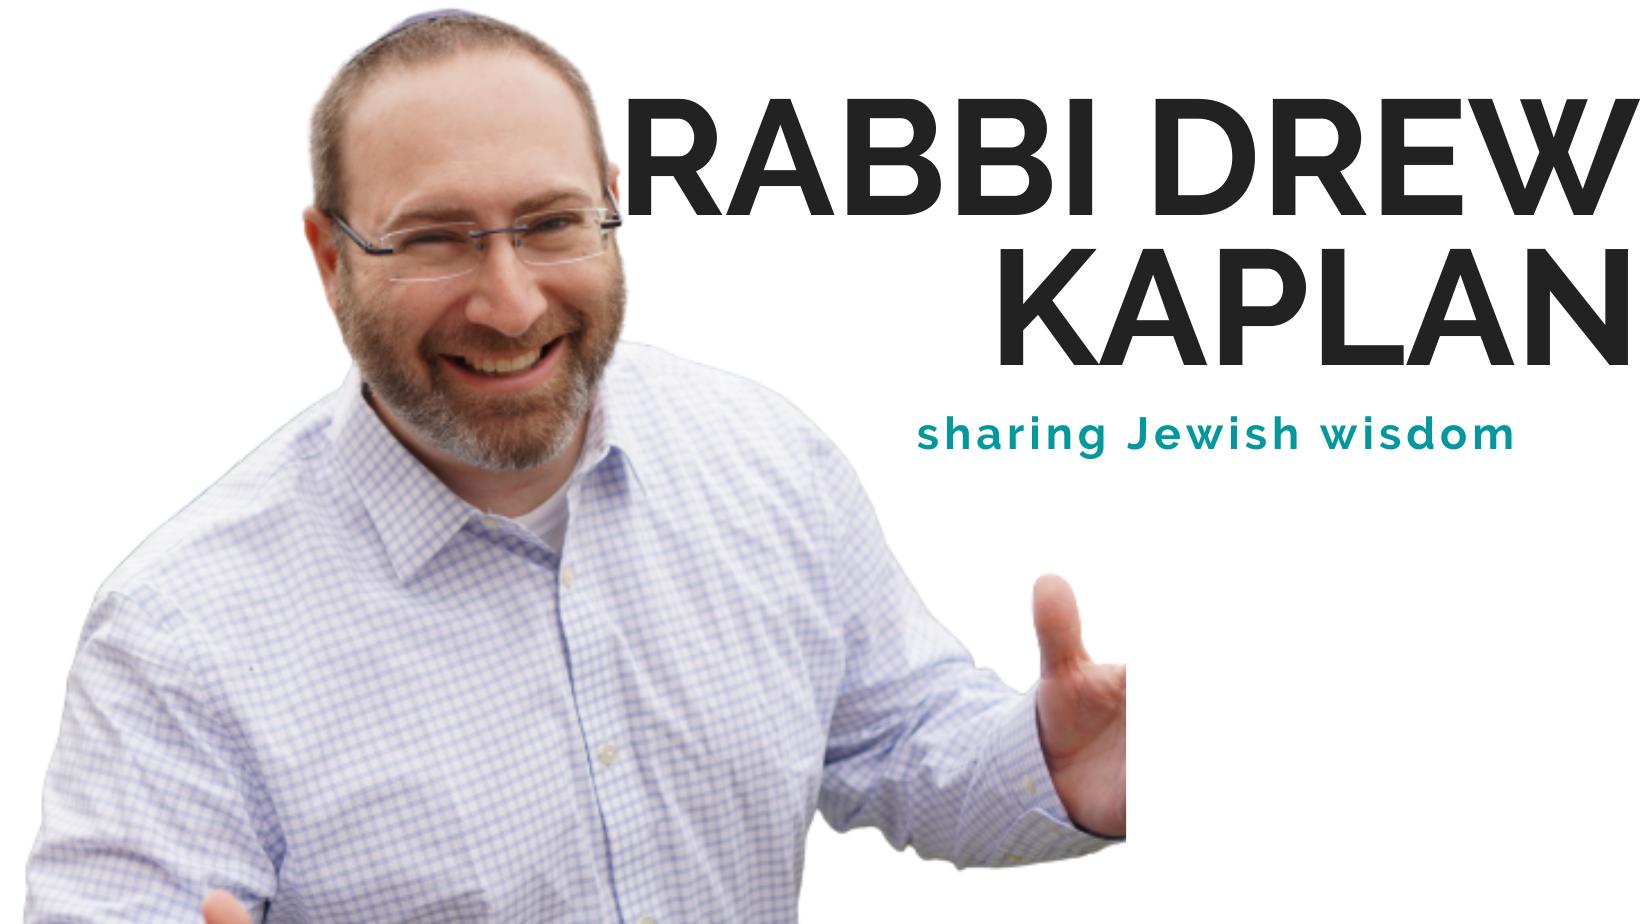 Rabbi Drew Kaplan